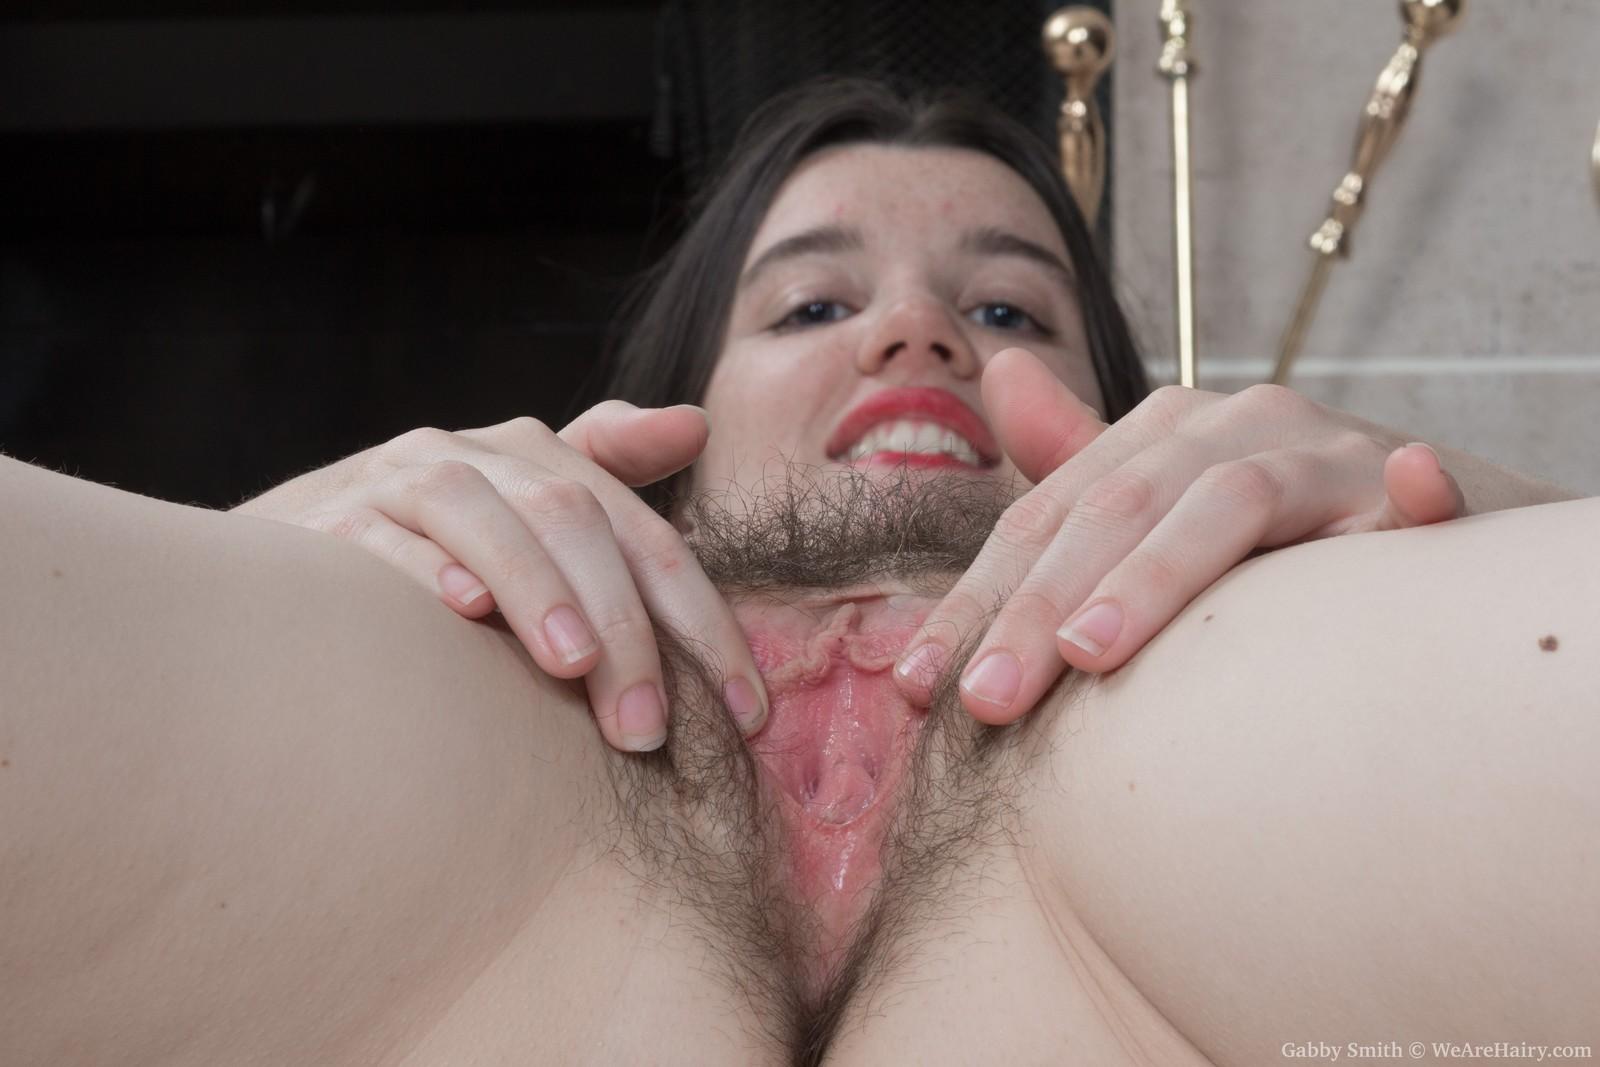 gabby-smith-strips-nude-by-her-fireplace10.jpg